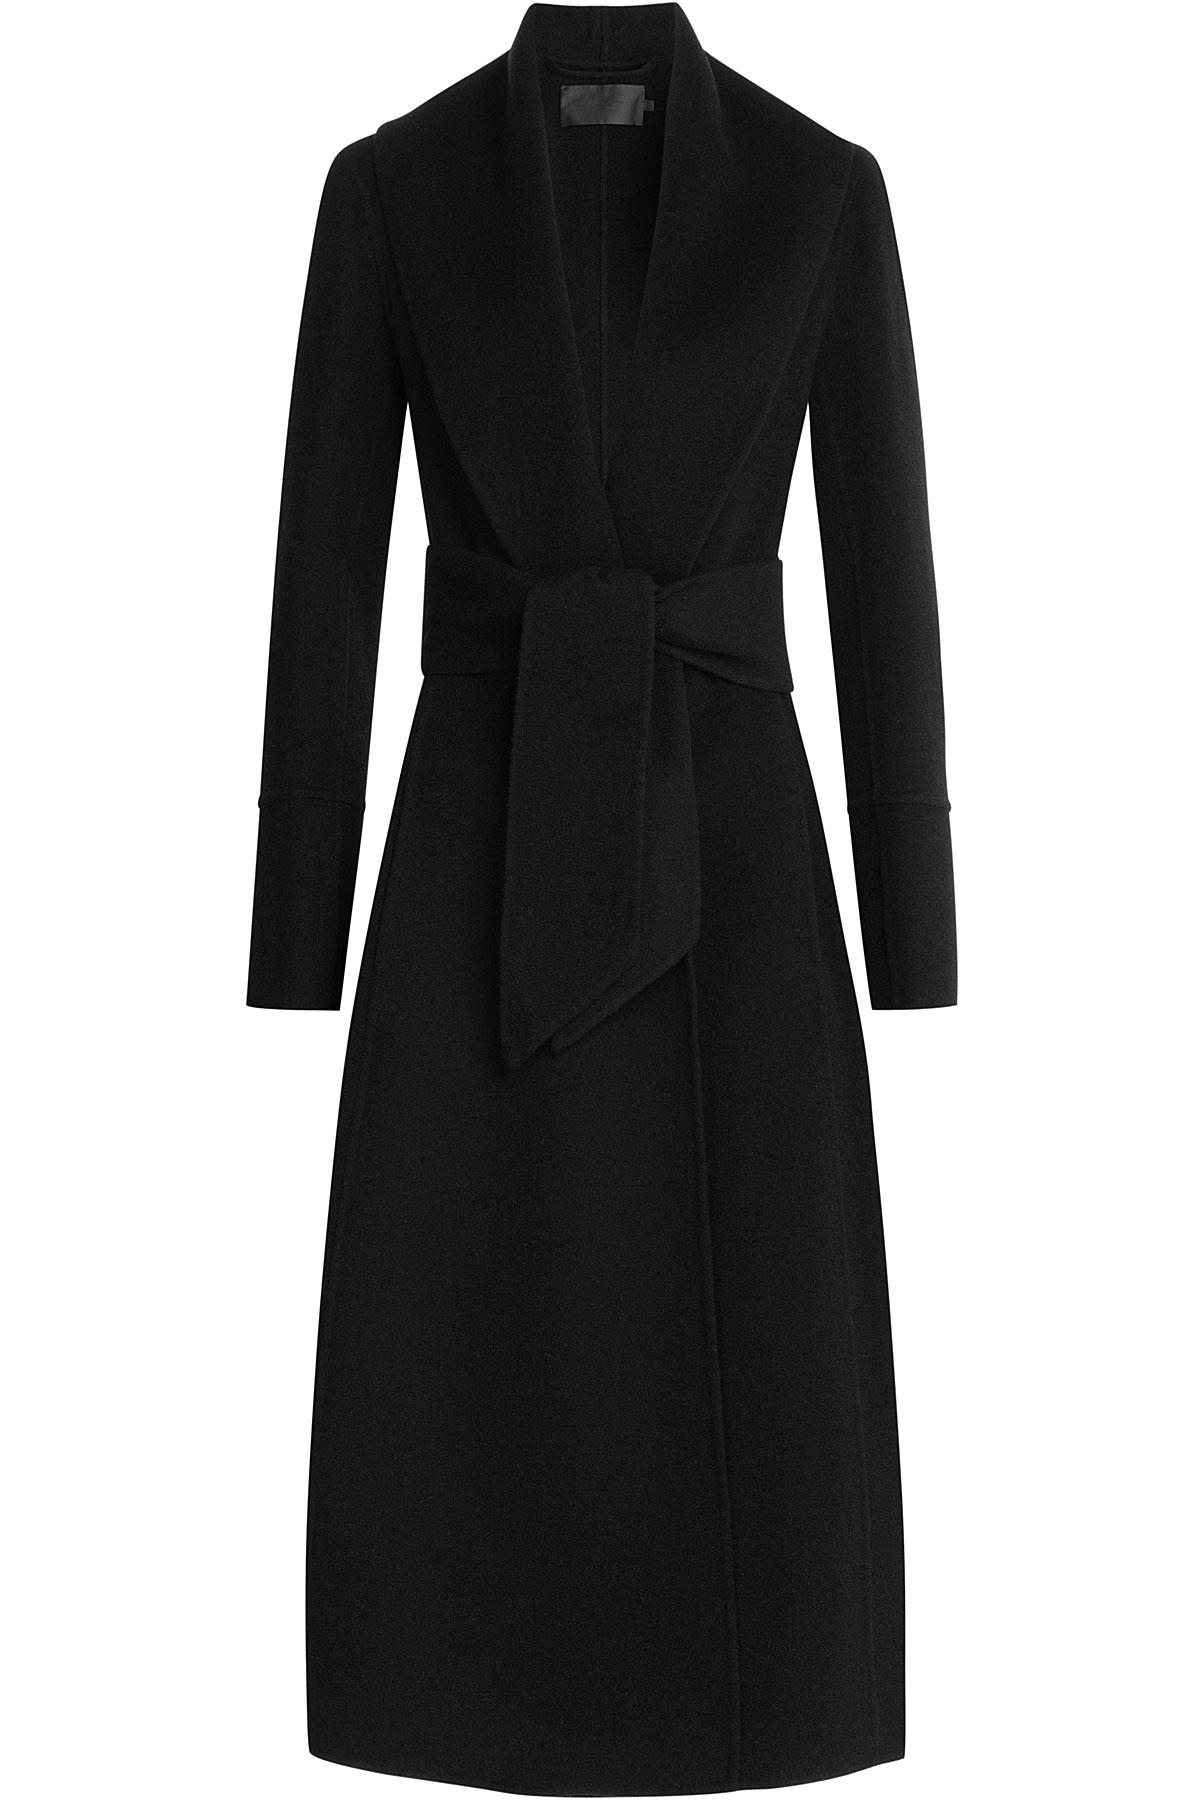 lyst donna karan cashmere coat black in black. Black Bedroom Furniture Sets. Home Design Ideas